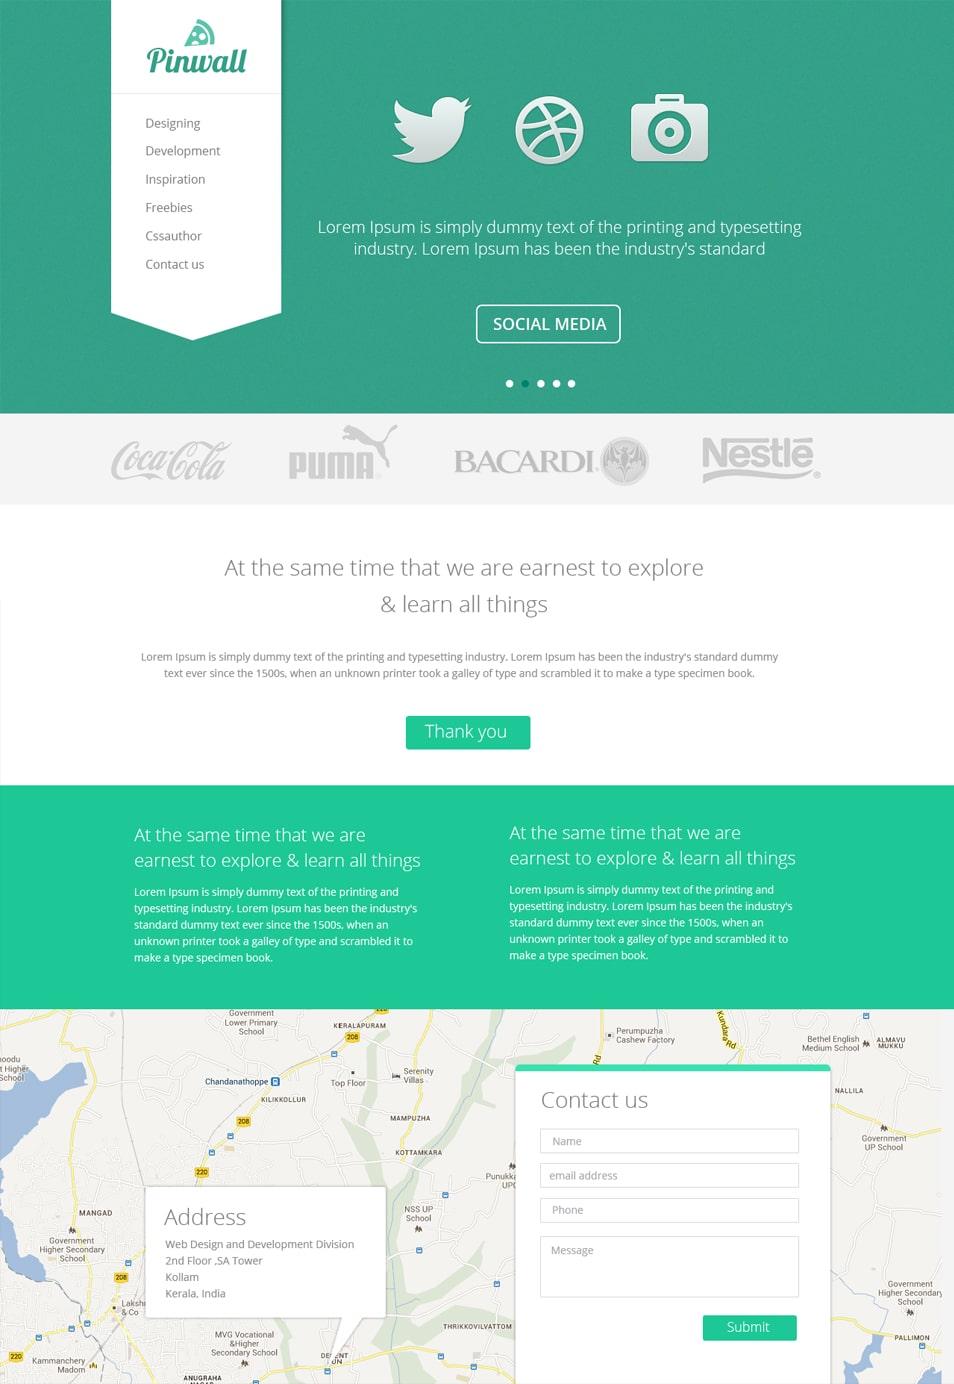 Pinwall Modern Website TemplatePSD